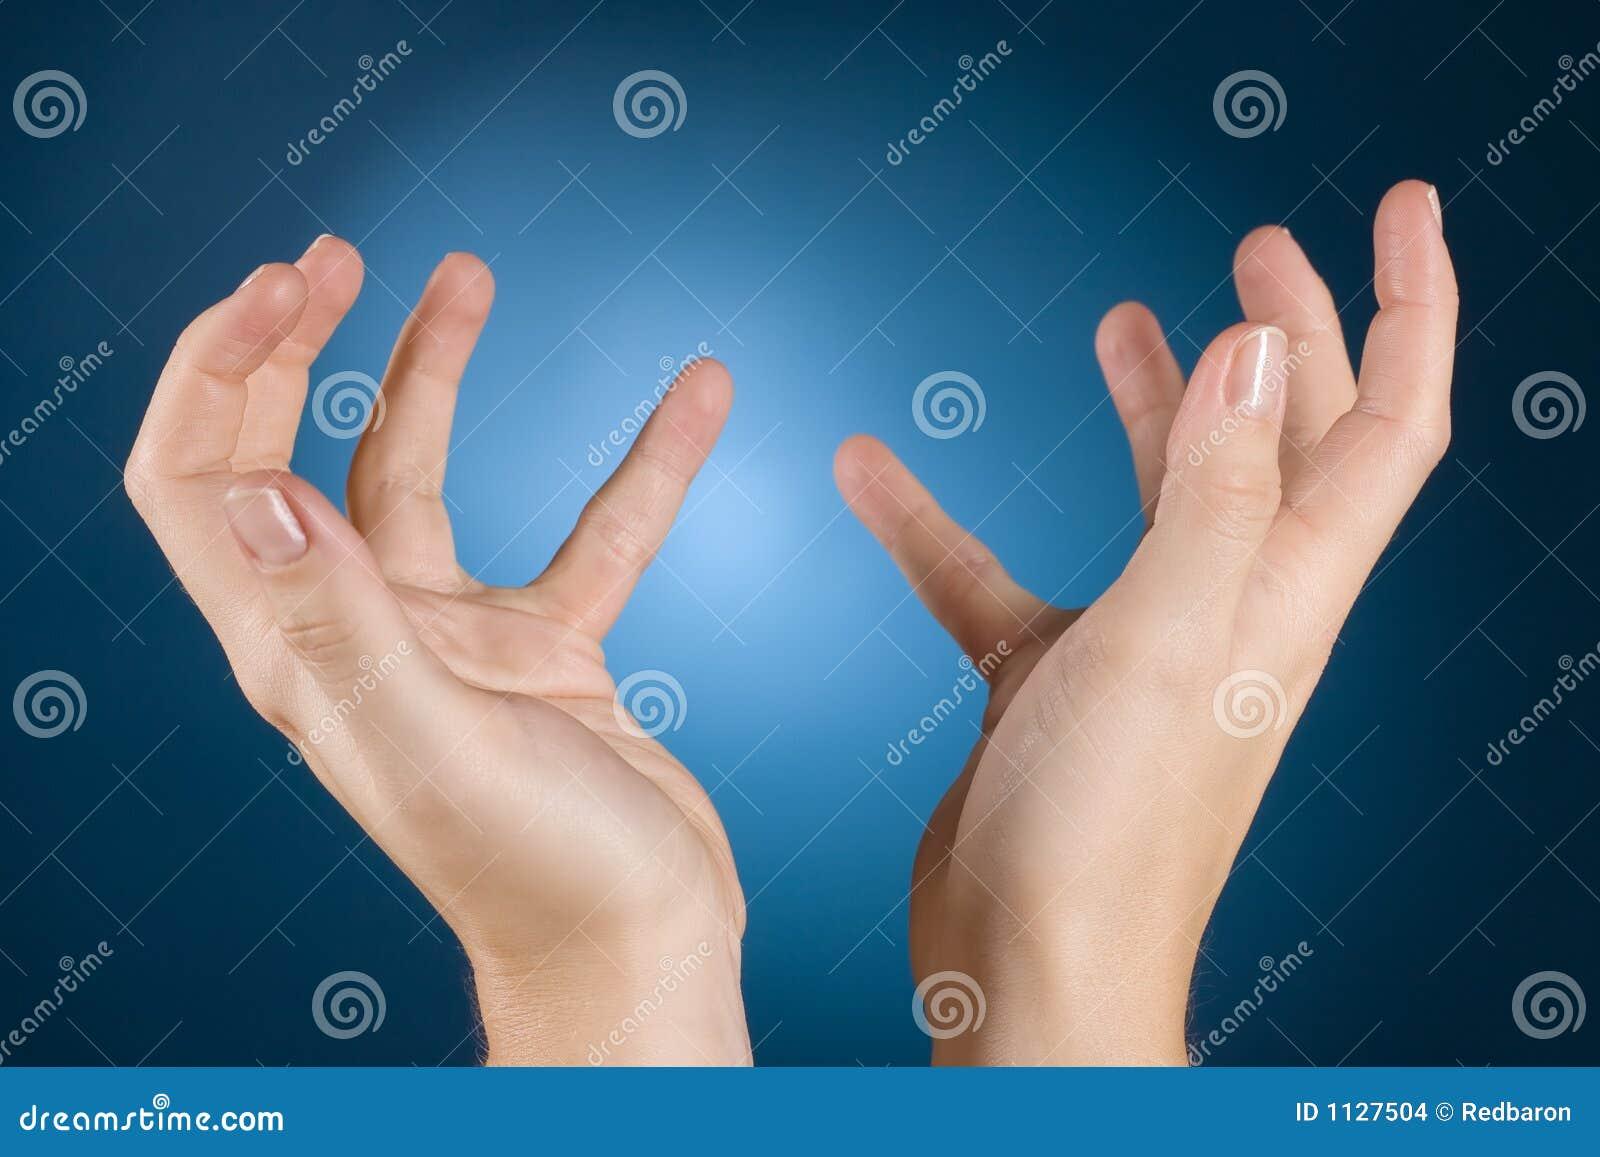 Les mains demandent la pitié